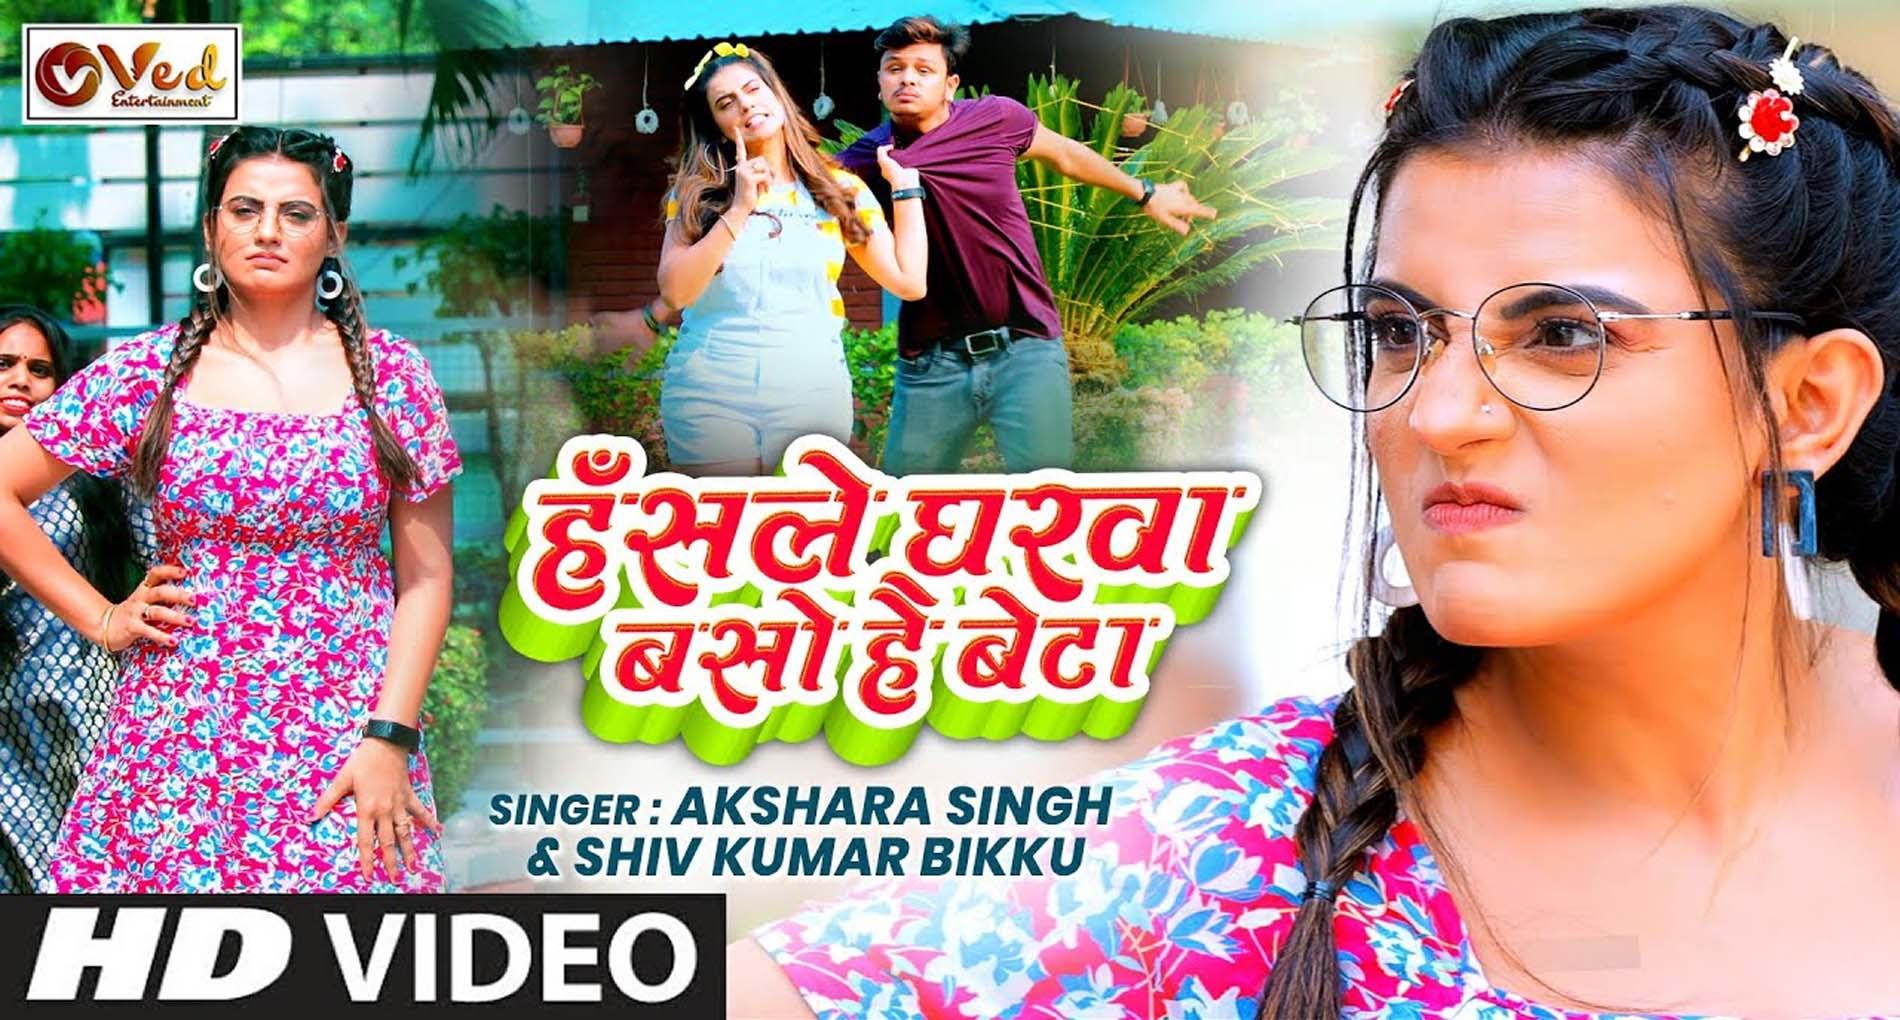 Akshara Singh Ke Gane: जब अक्षरा सिंह ने दिया अपने प्रेमी को गुरु ज्ञान! गाना हुआ वायरल